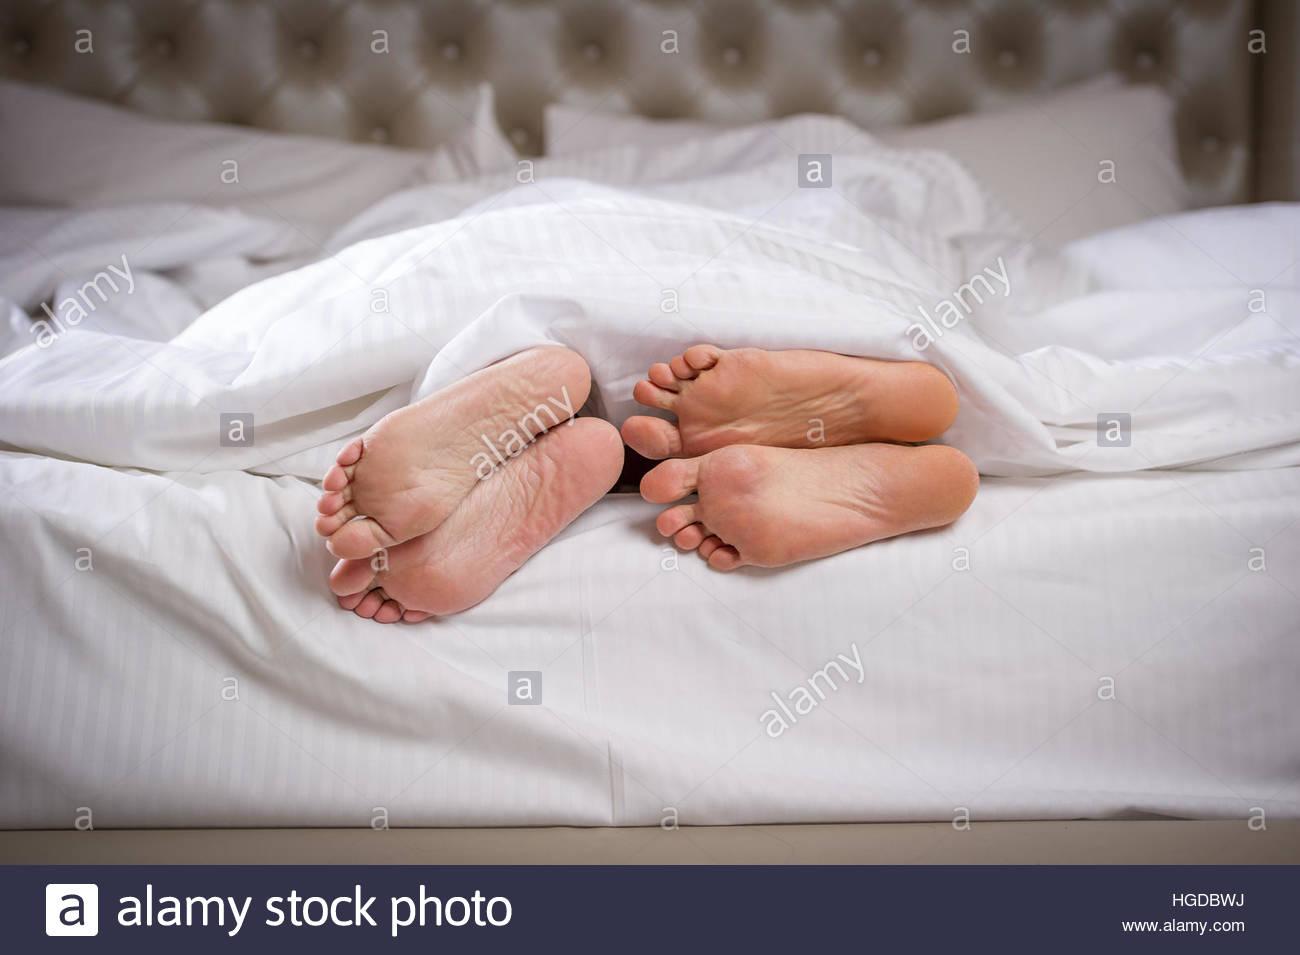 mann und frau die f e im bett unter der decke ragen als ob l ffel oder kuscheln stockfoto. Black Bedroom Furniture Sets. Home Design Ideas